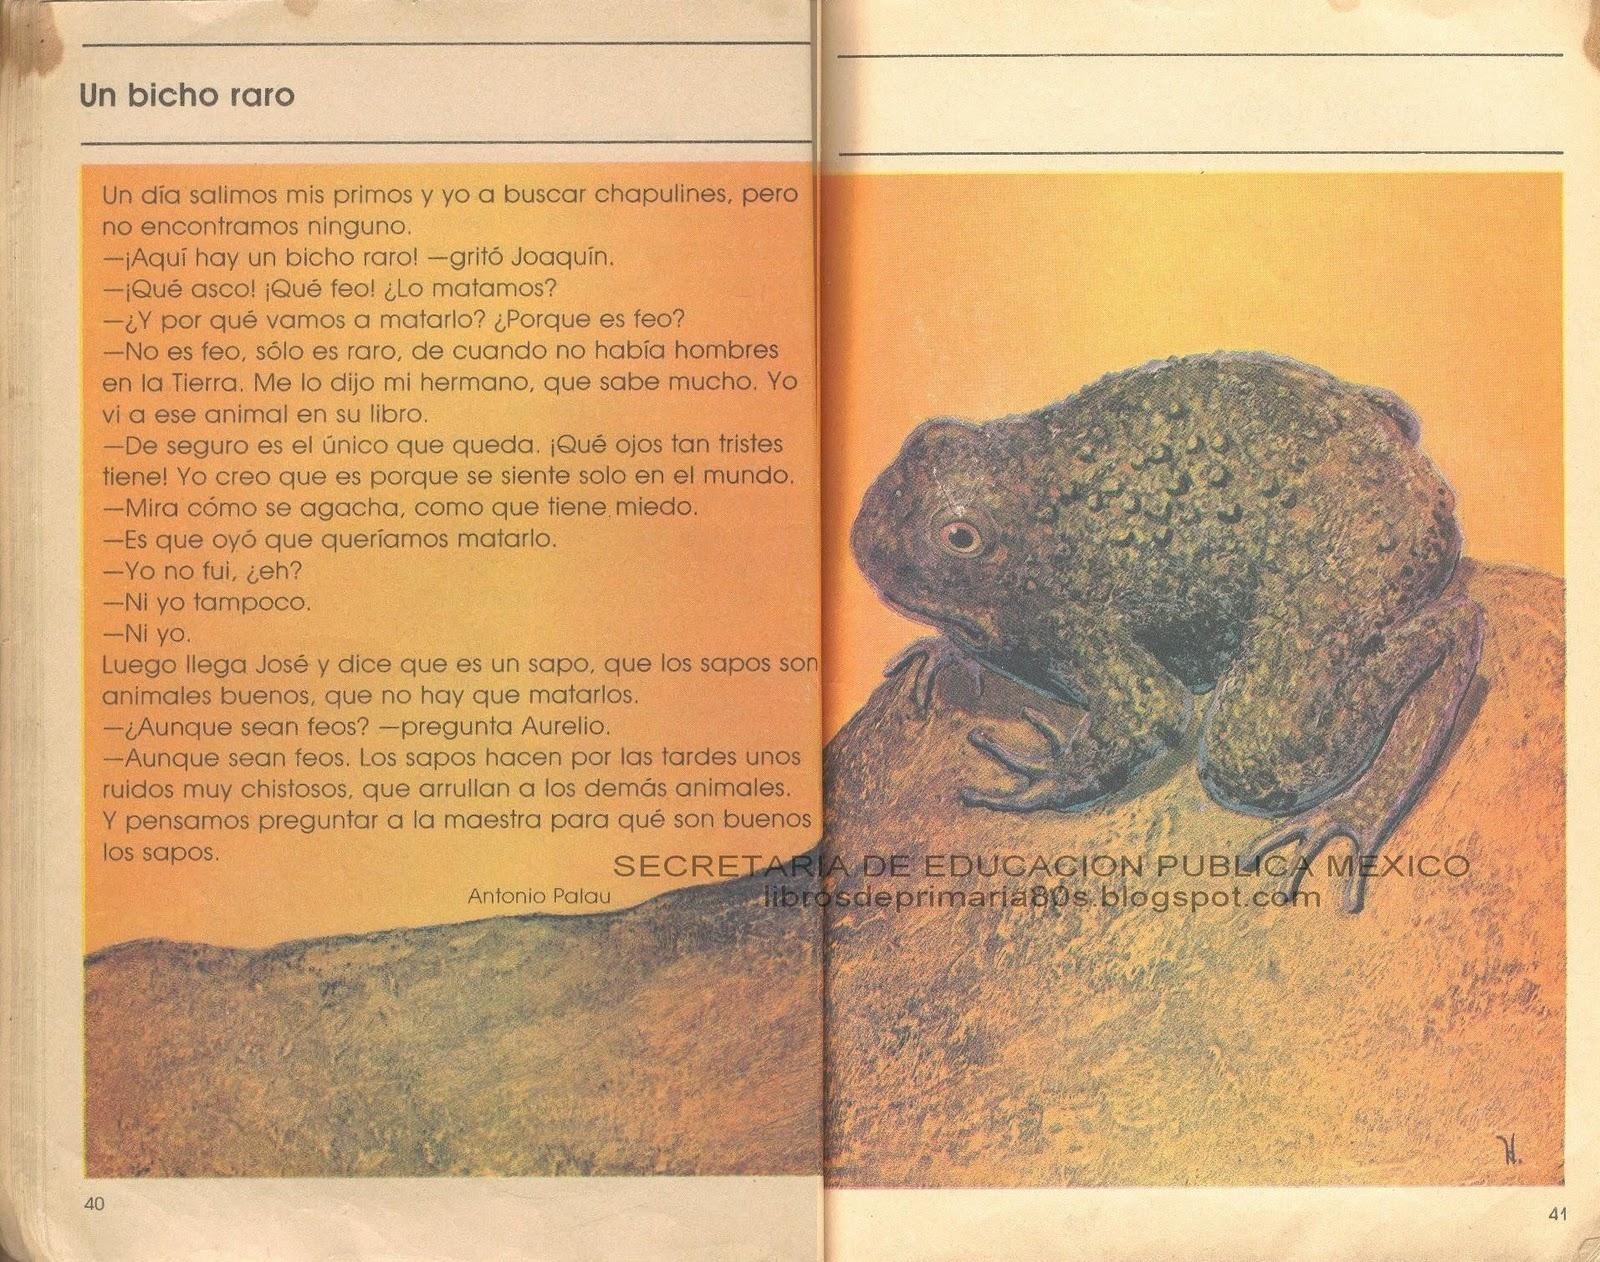 Libros de Primaria de los 80's: Un bicho raro (Mi libro de